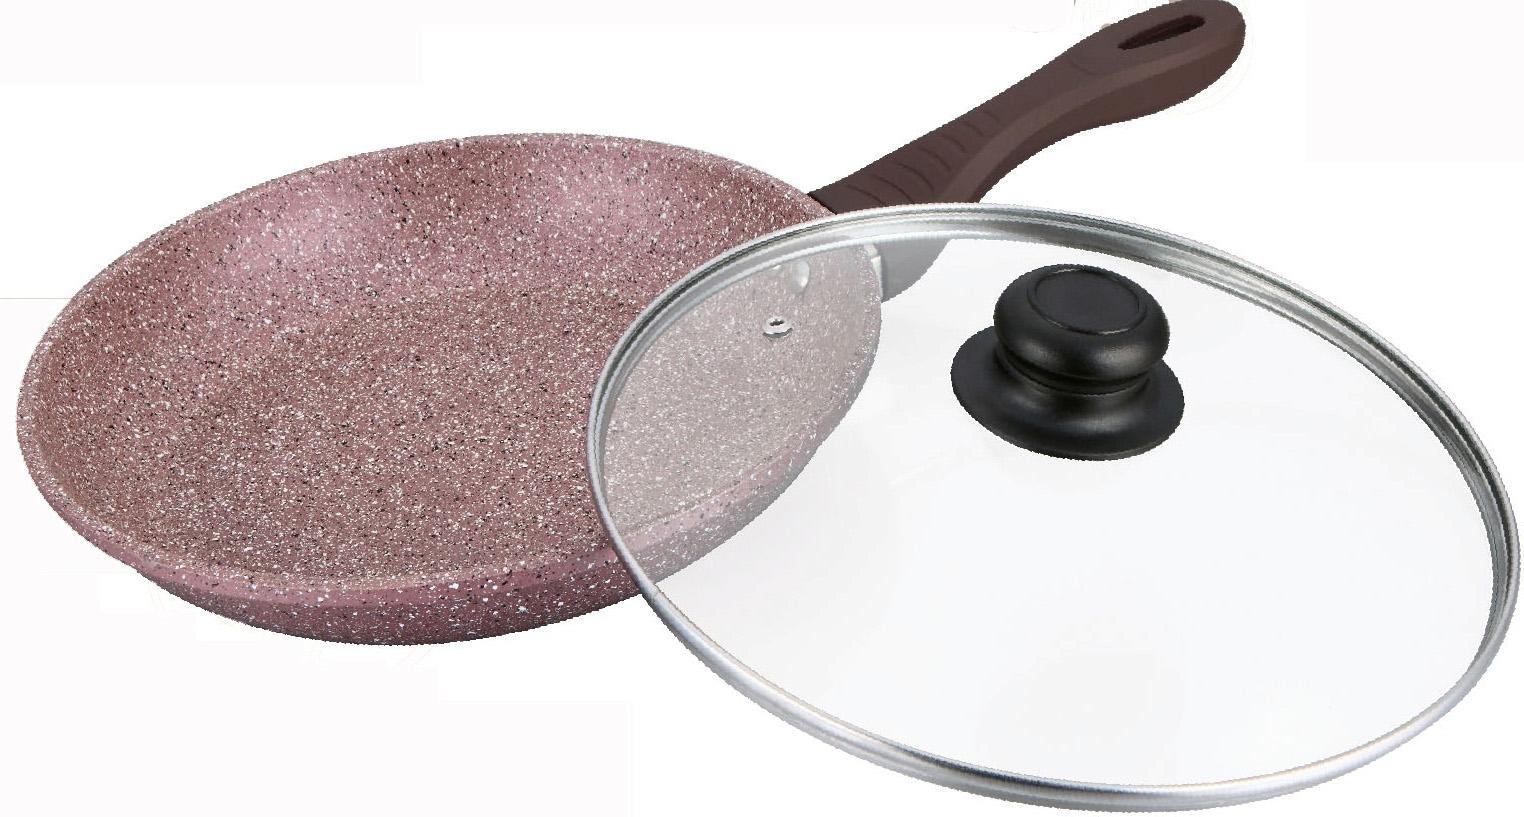 """Сковорода """"Bayerhoff"""" имеет антипригарное мраморное покрытие, жаростойкое внешнее покрытие, удобную эргономичную ручку."""